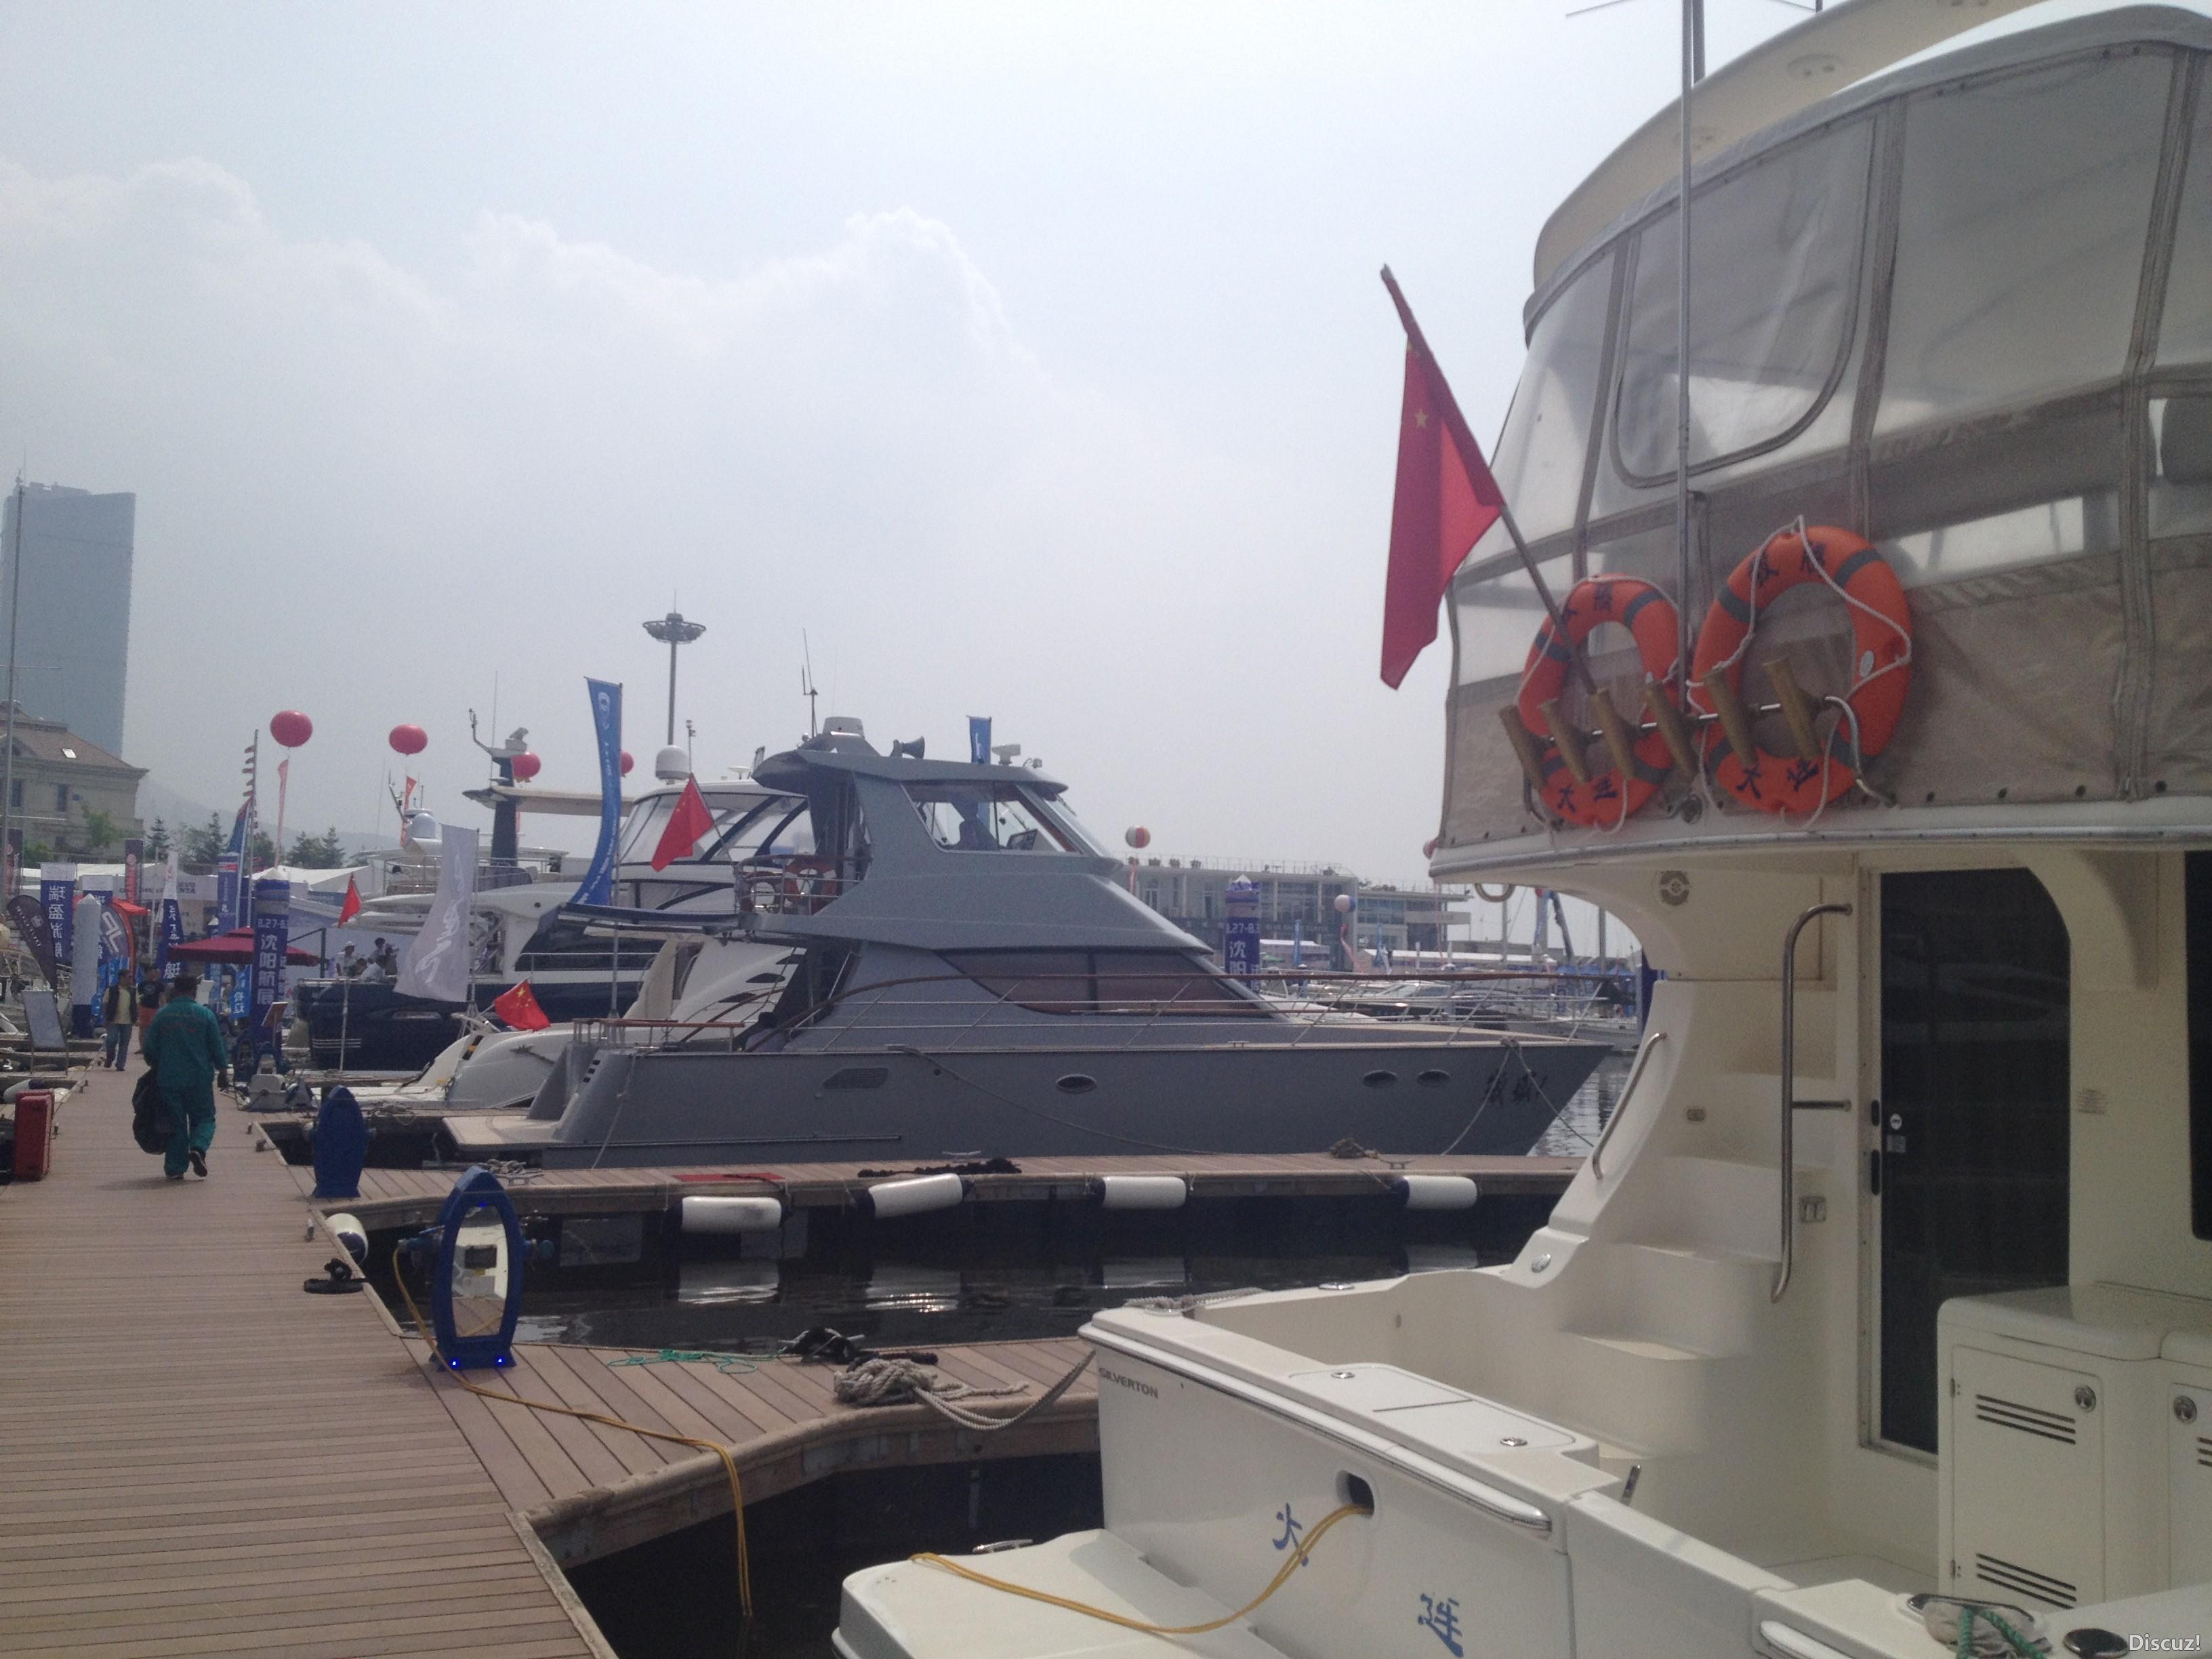 星海湾,大连 大连星海湾游艇展会 IMG_4452.JPG